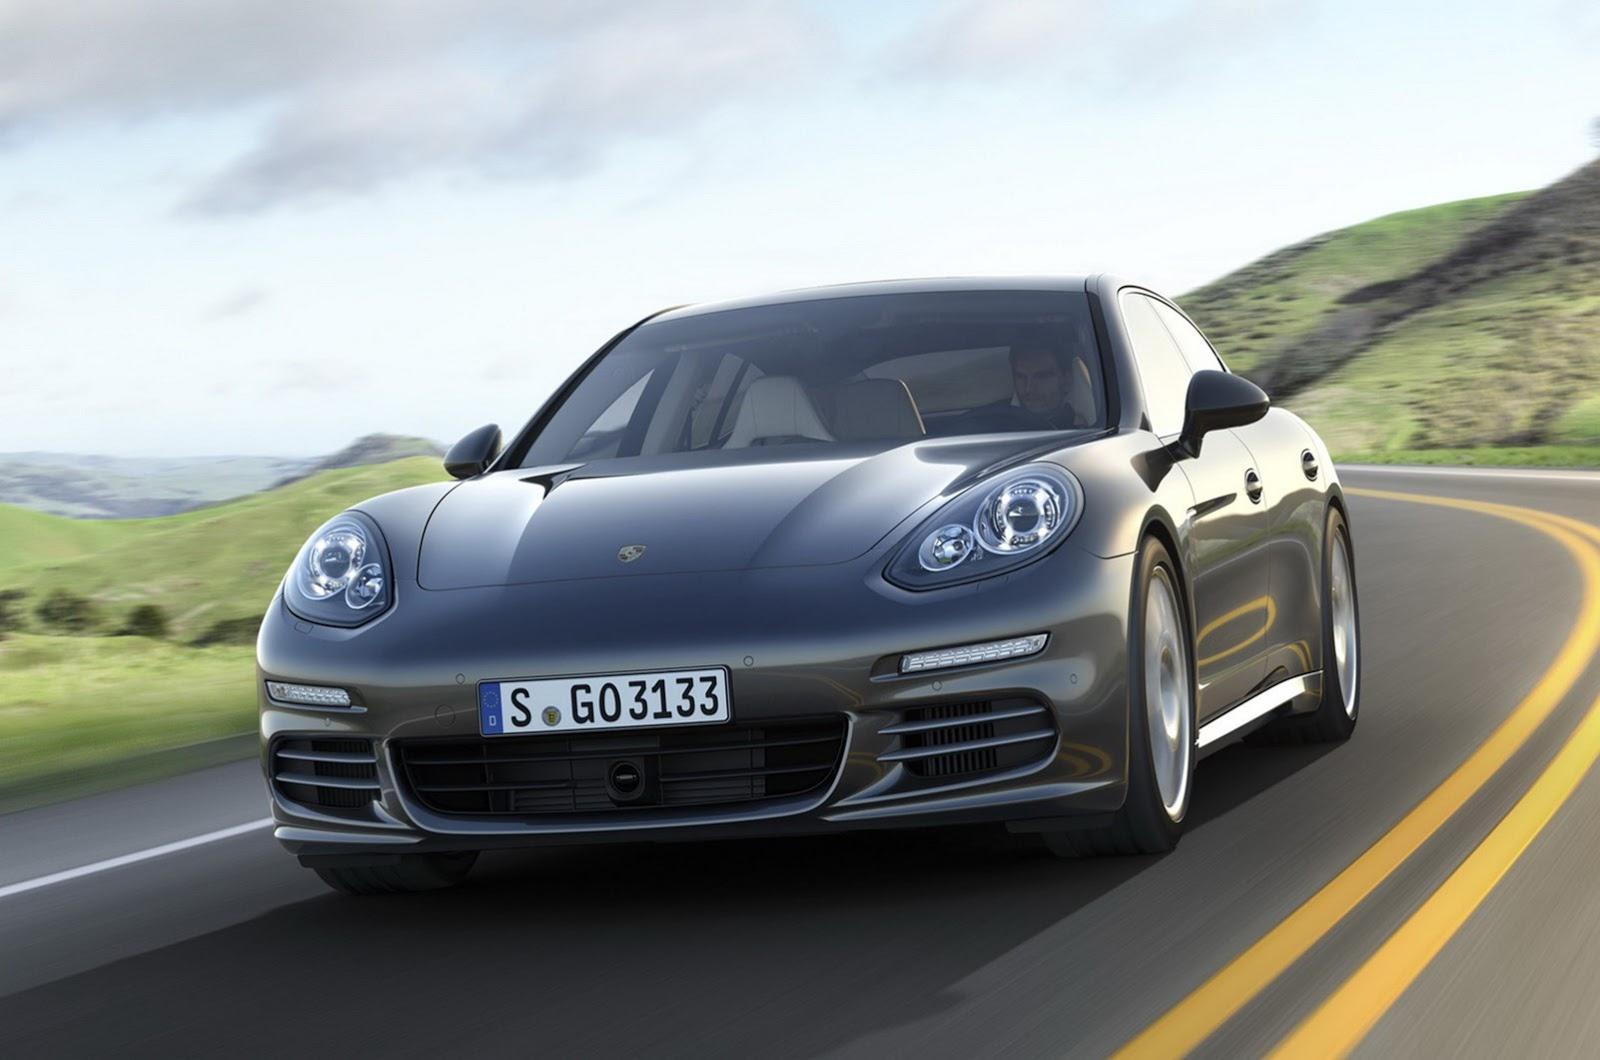 2013 - [Porsche] Panamera restylée - Page 3 2014-Porsche-Panamera-9%25255B2%25255D